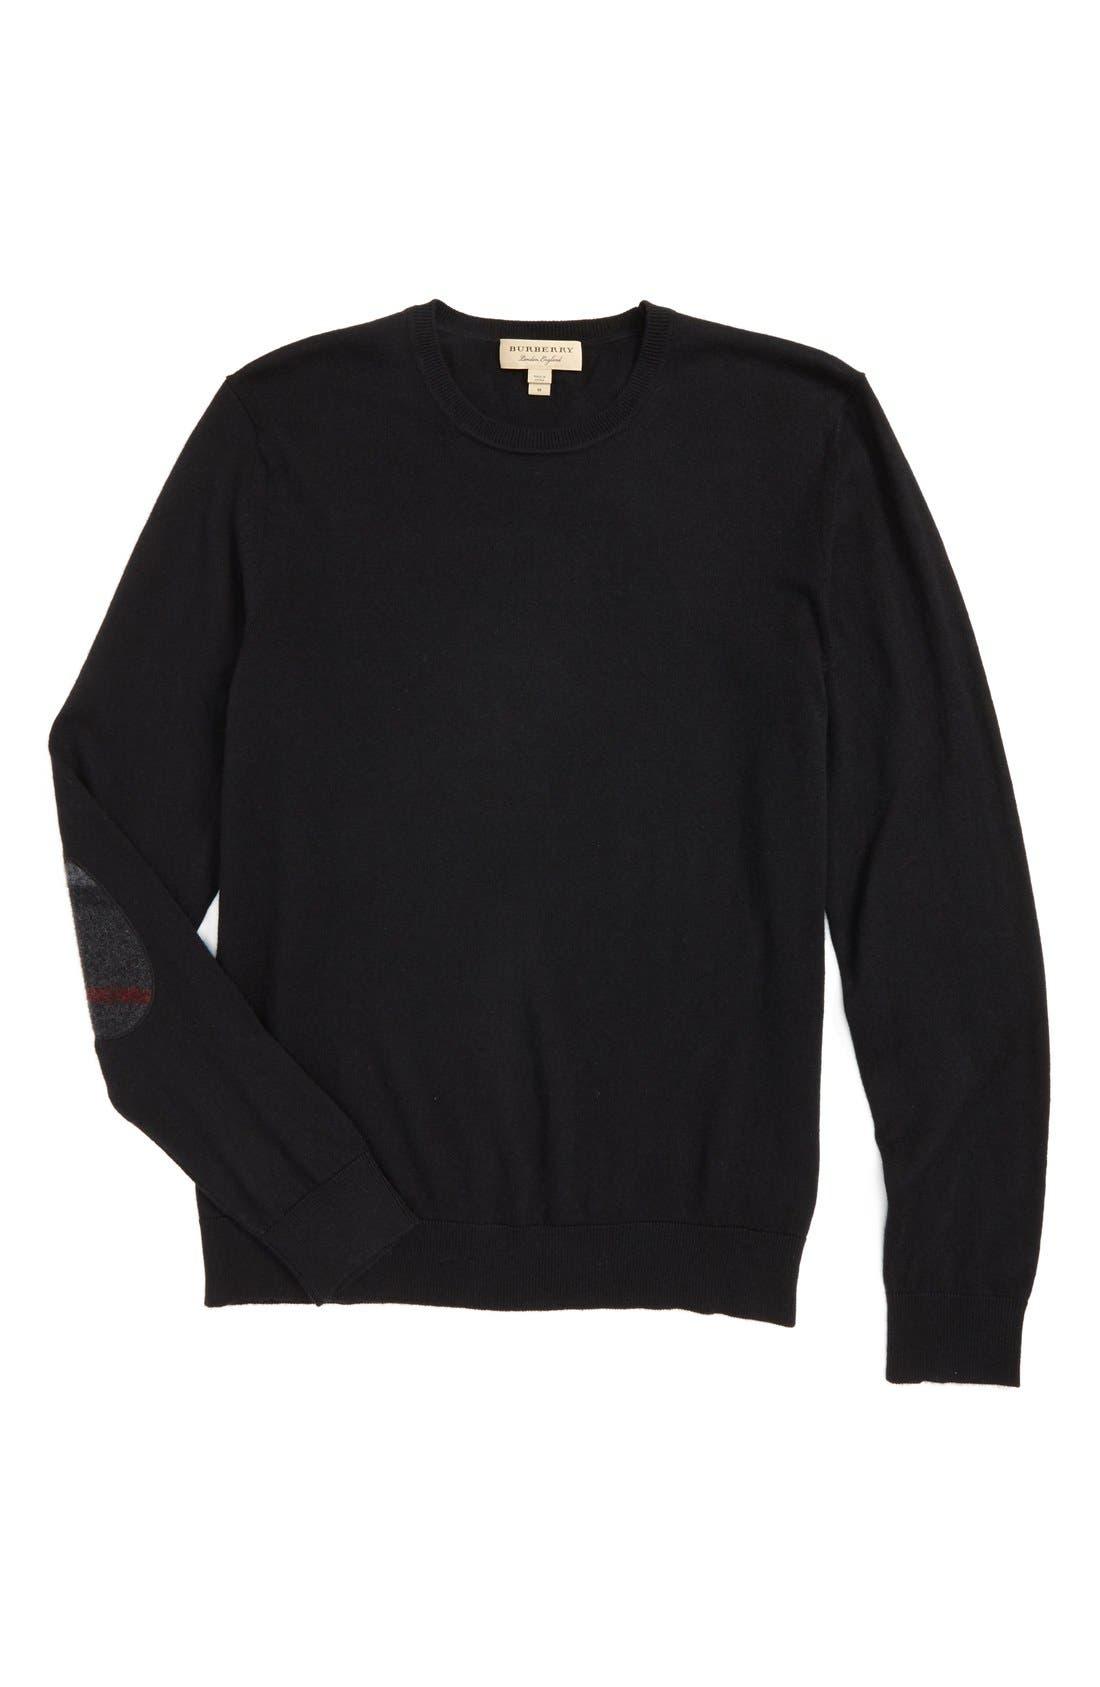 Brit Richmond Cotton & Cashmere Sweater,                             Alternate thumbnail 6, color,                             001